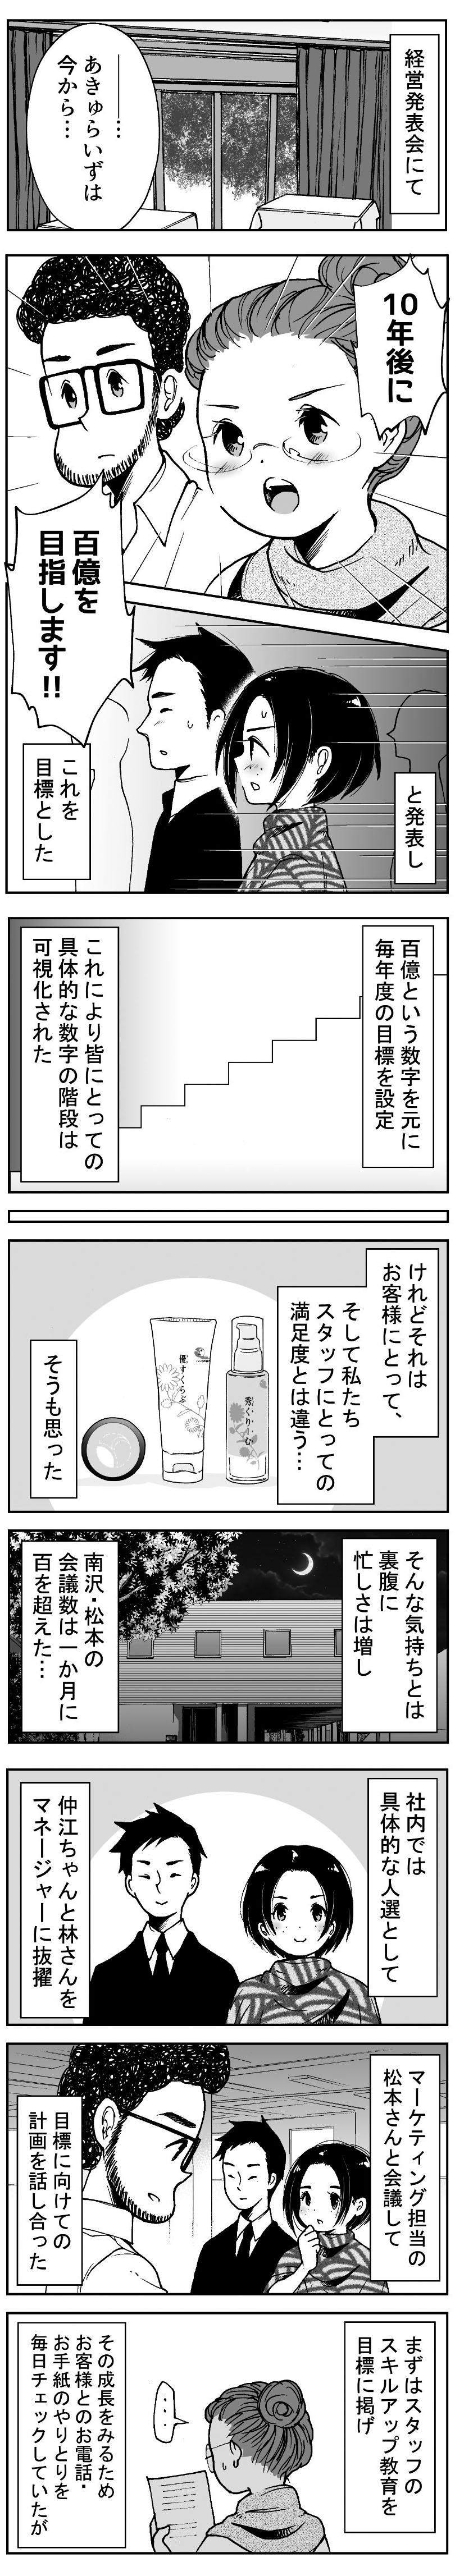 63-2.jpg